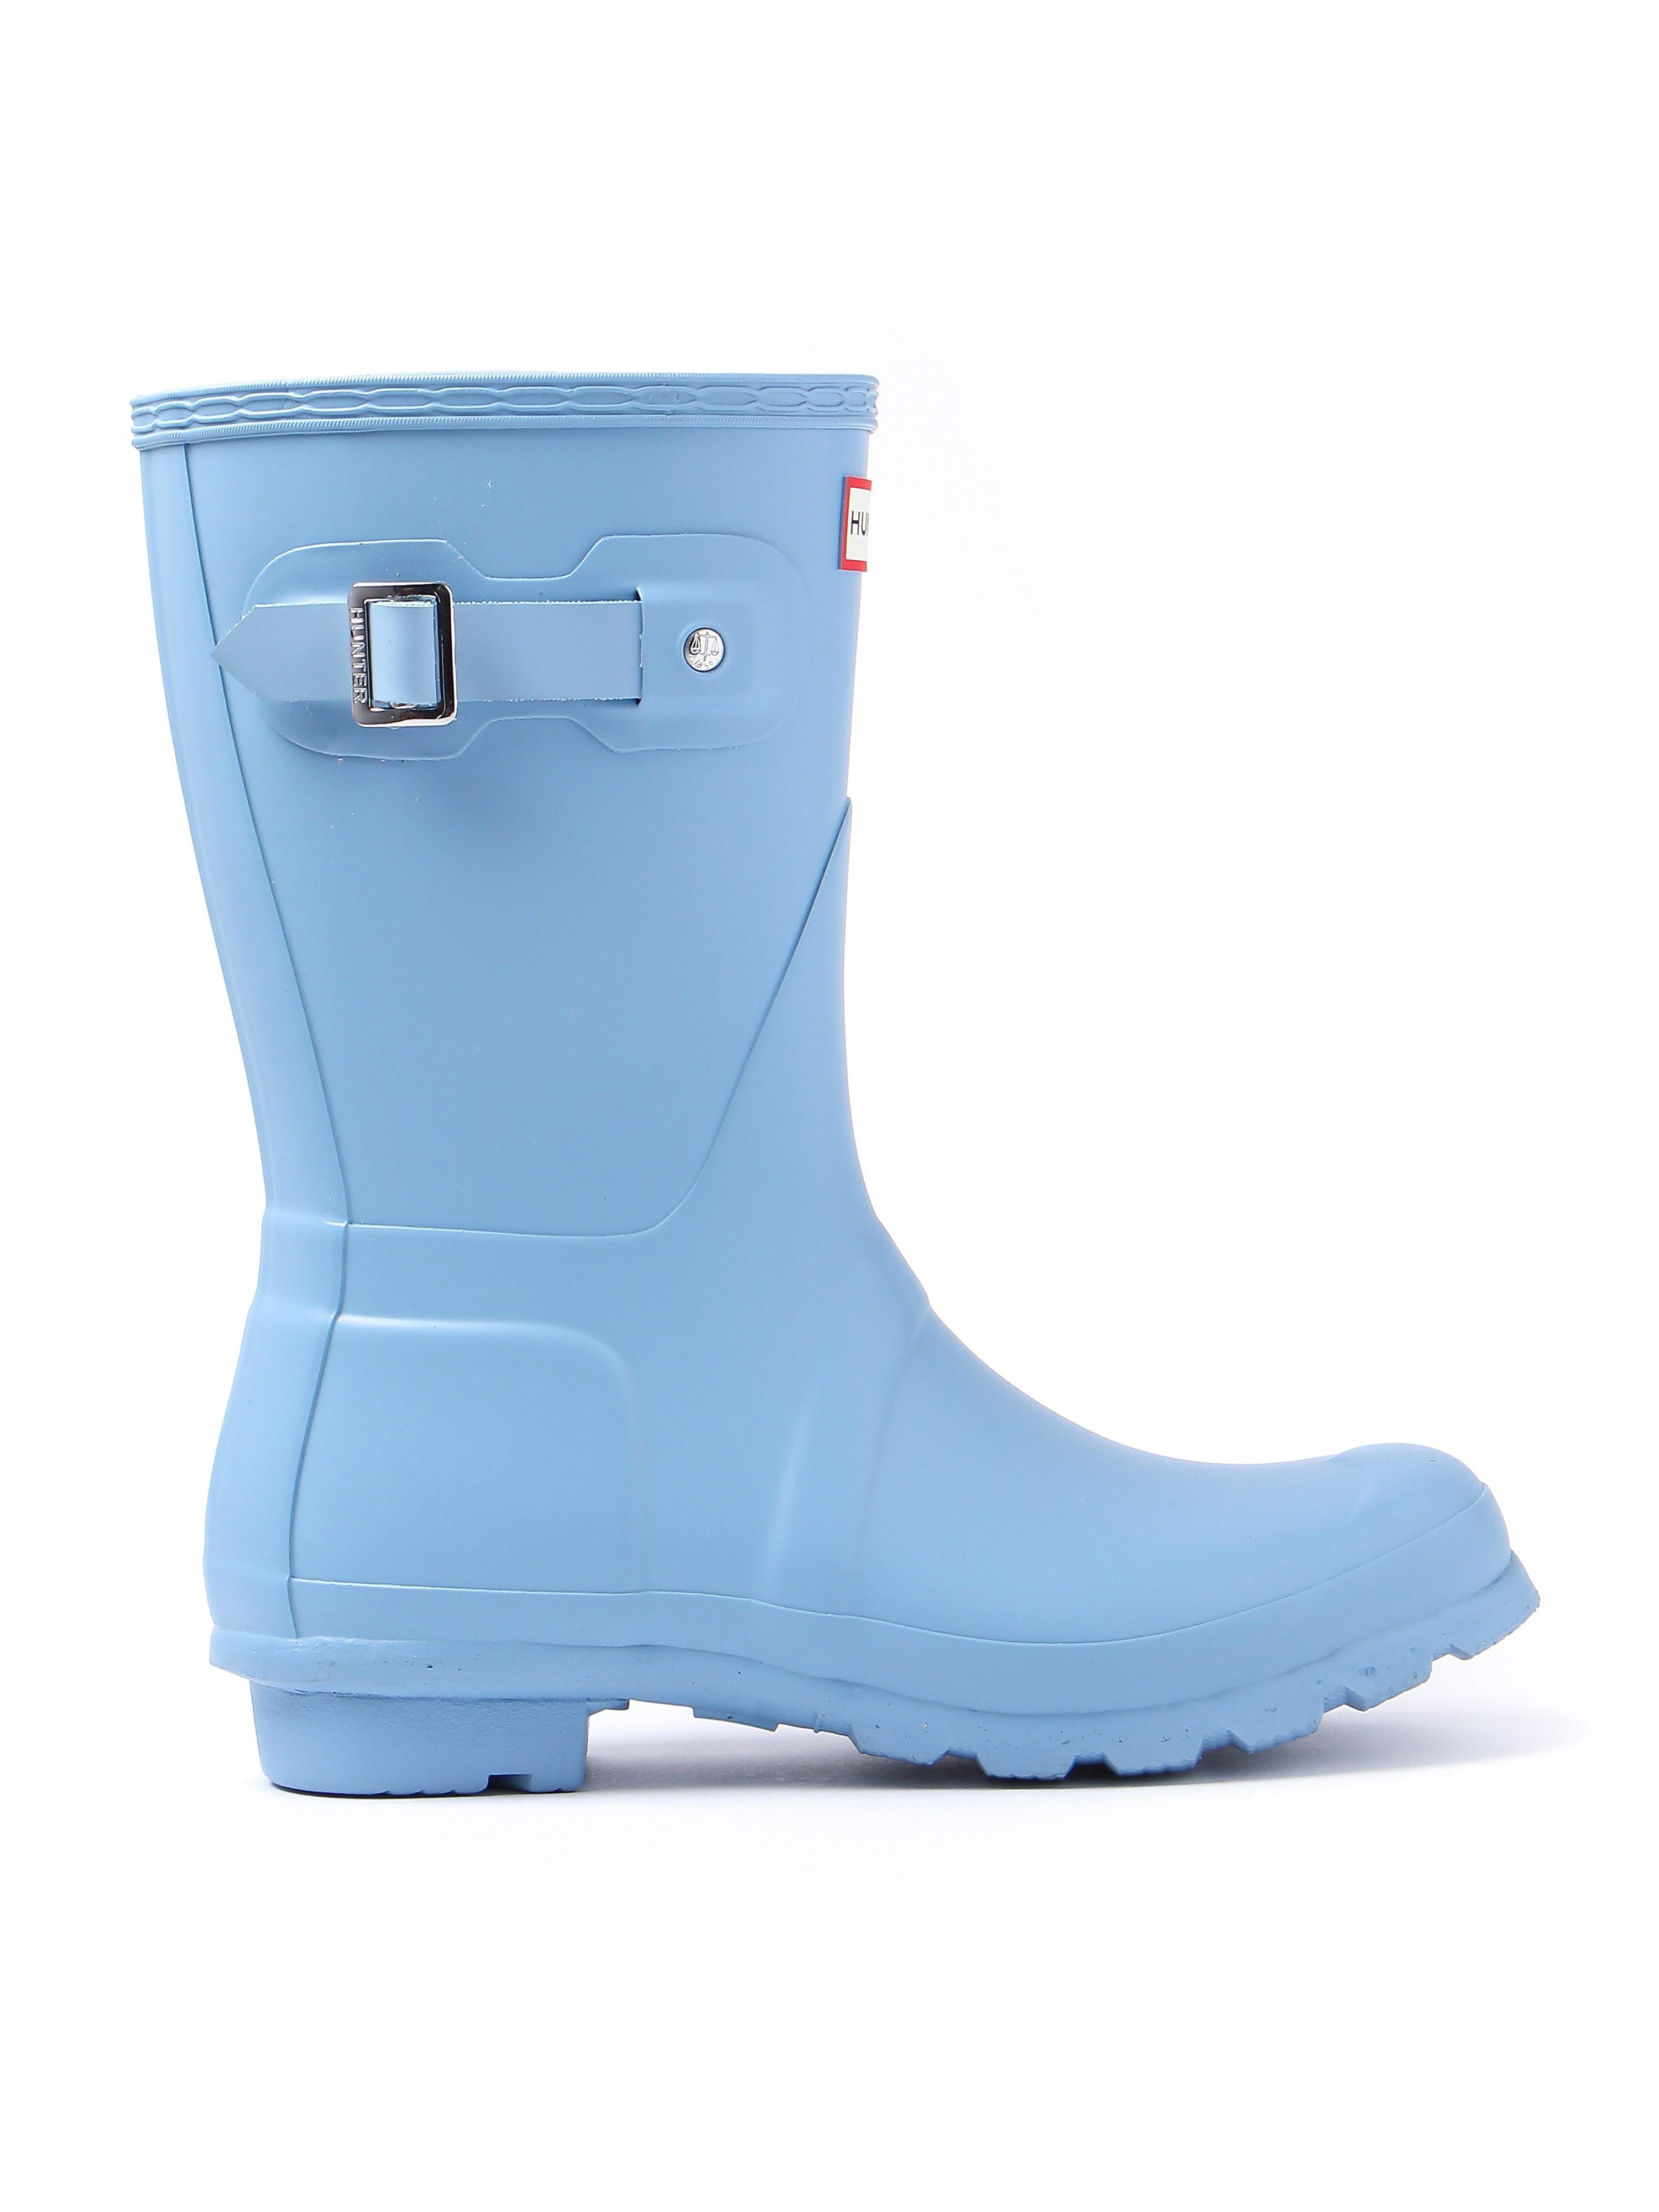 Hunter Wellies Women's Original Short Wellington Boots - Pale Blue